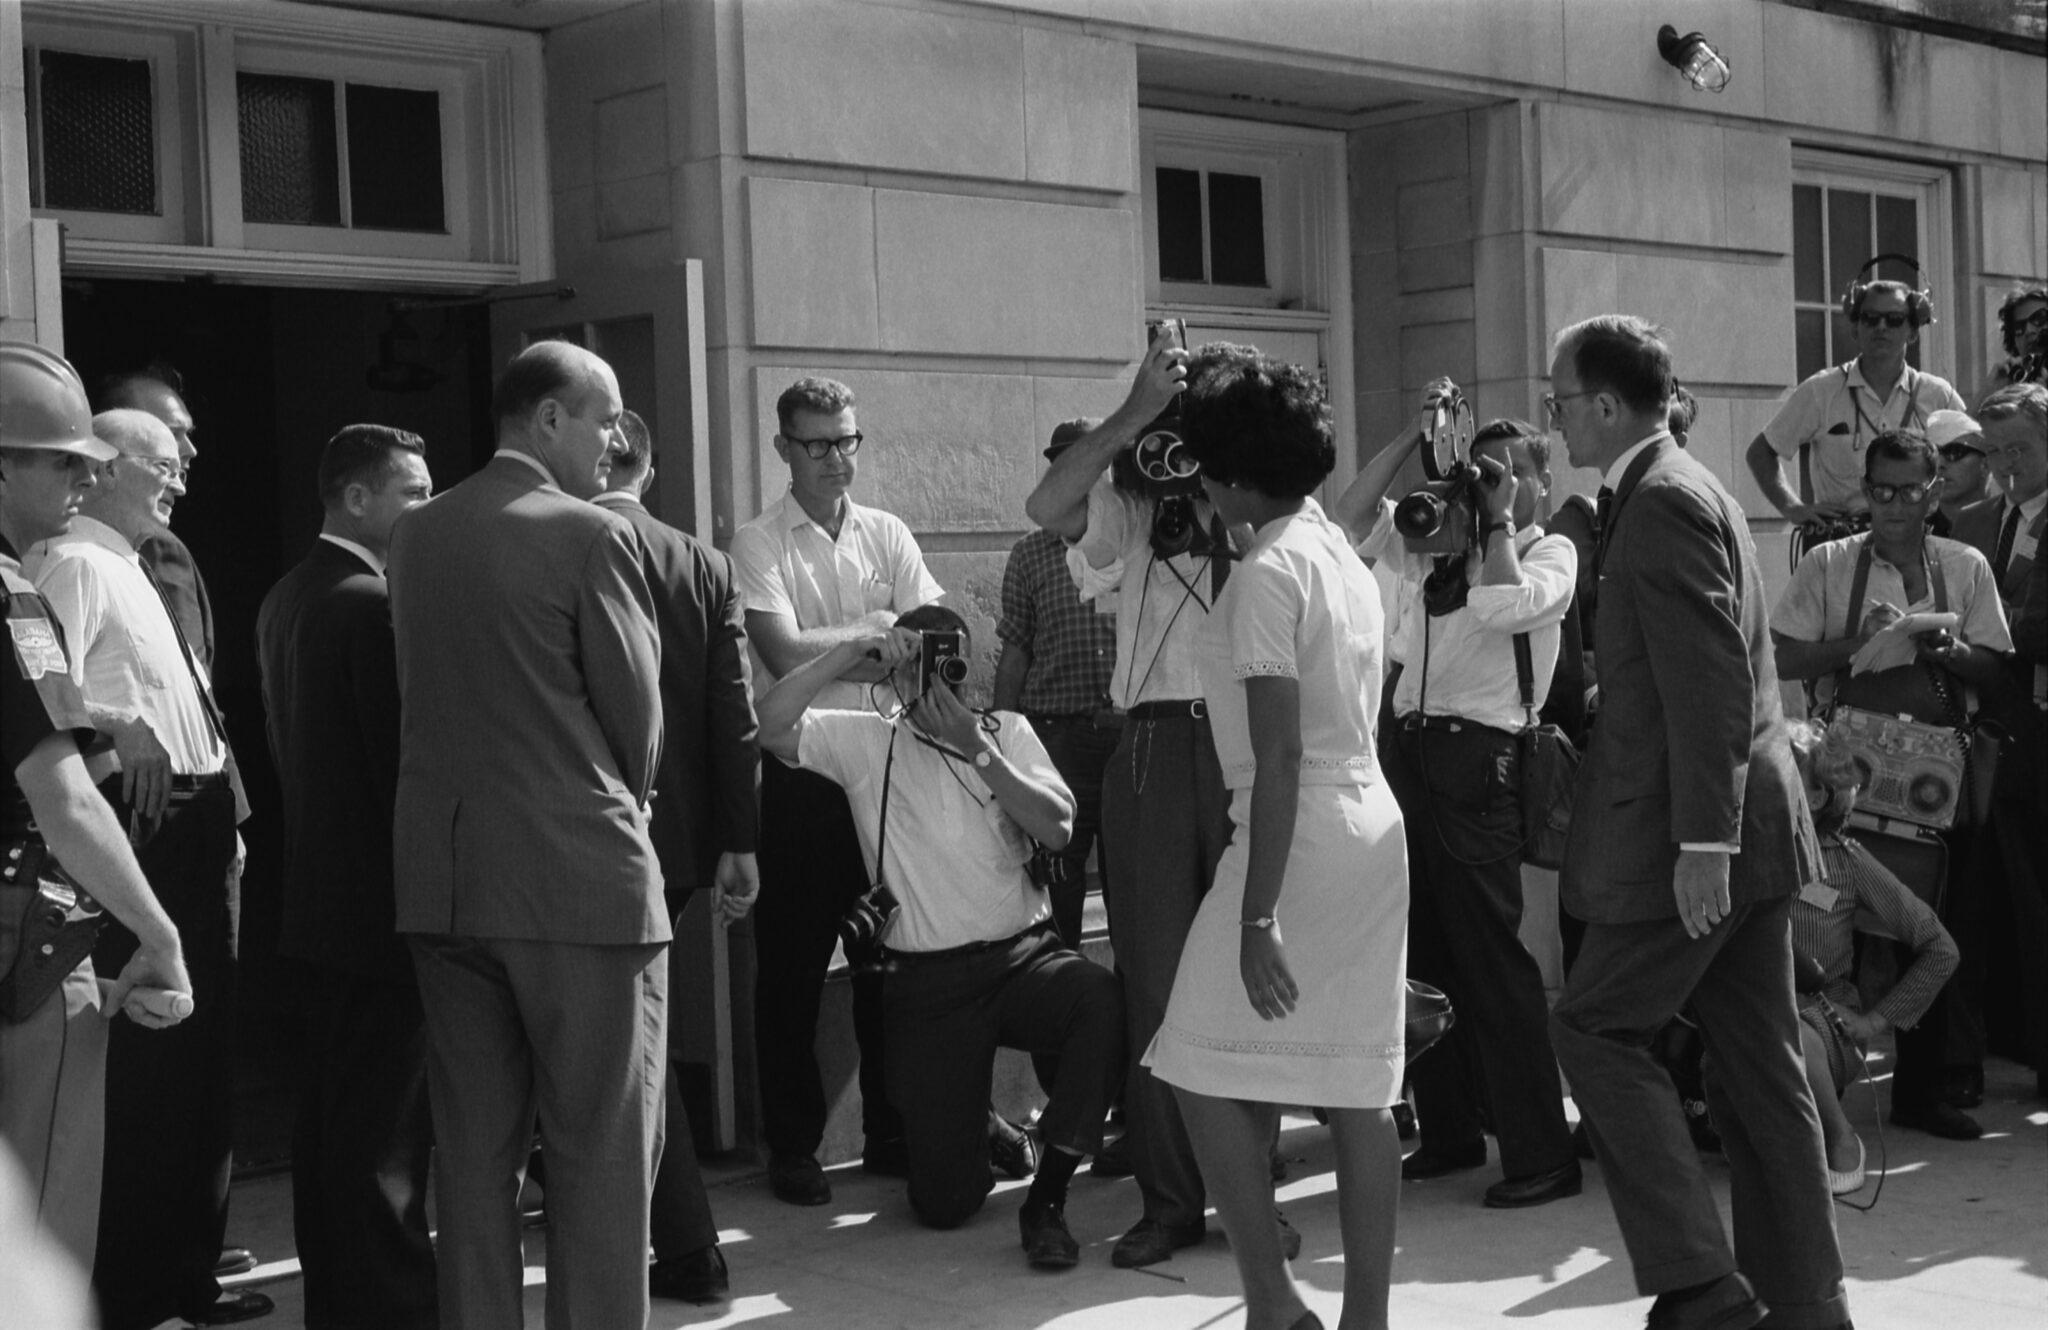 Historisches Foto von Vivian Malone, wie sie auf dem Weg ist sich in die Universität von Alabama einzuschreiben